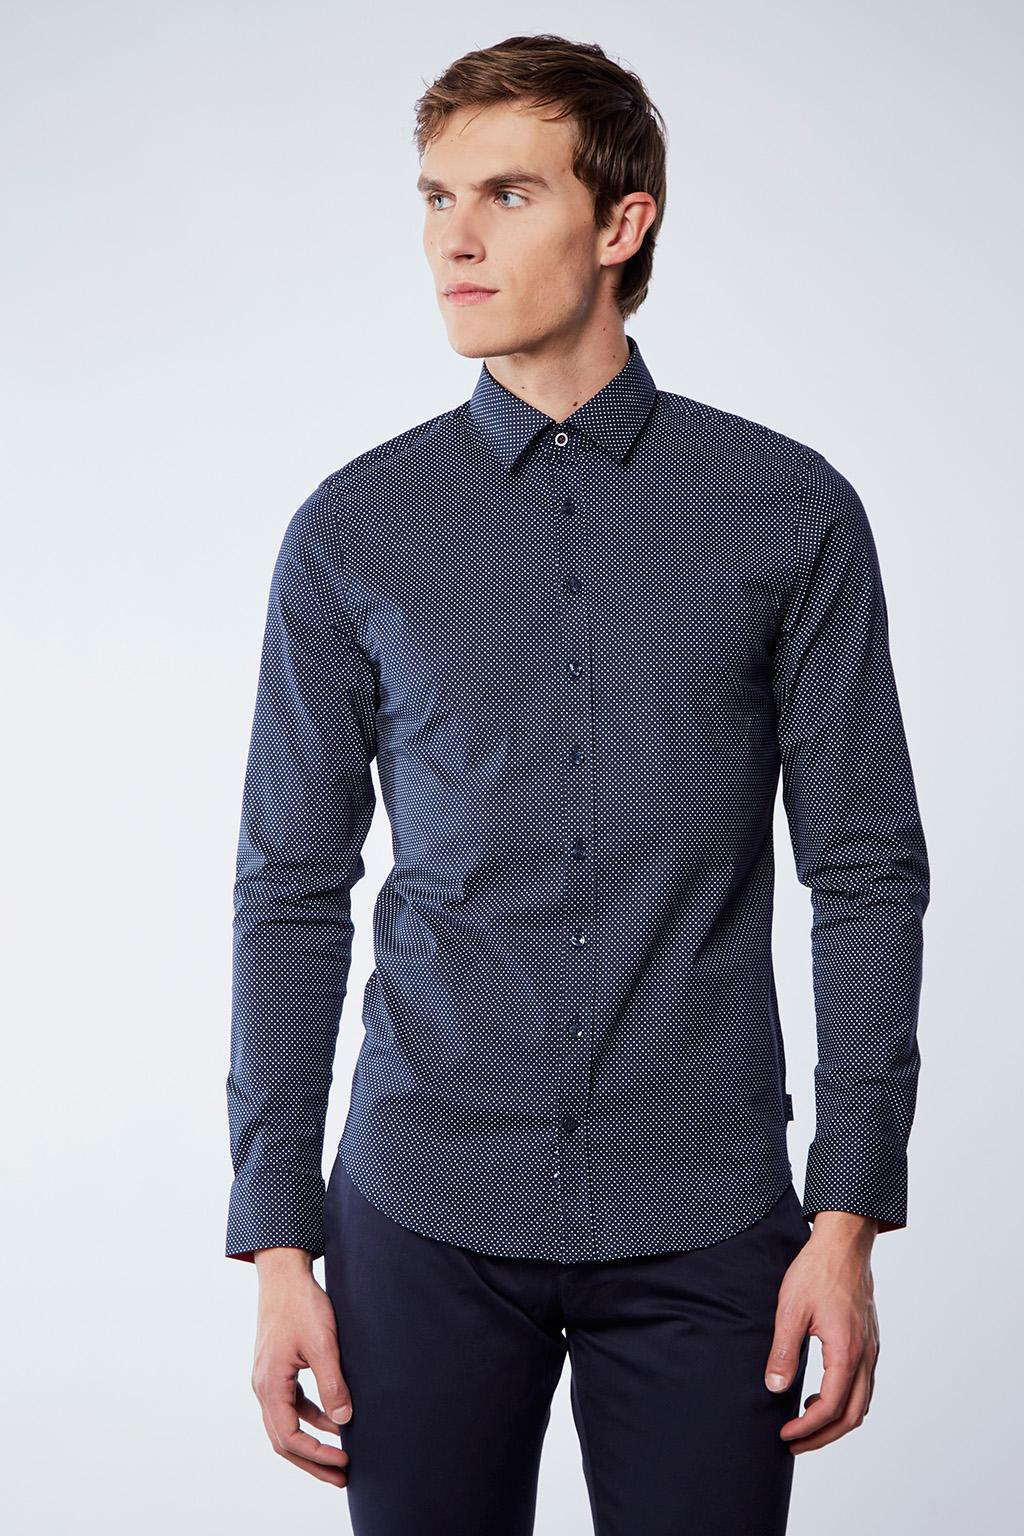 Vente privée Izac disponible sur Showroomprivé vêtements et accessoires pour homme, chemise bleue marine à pois